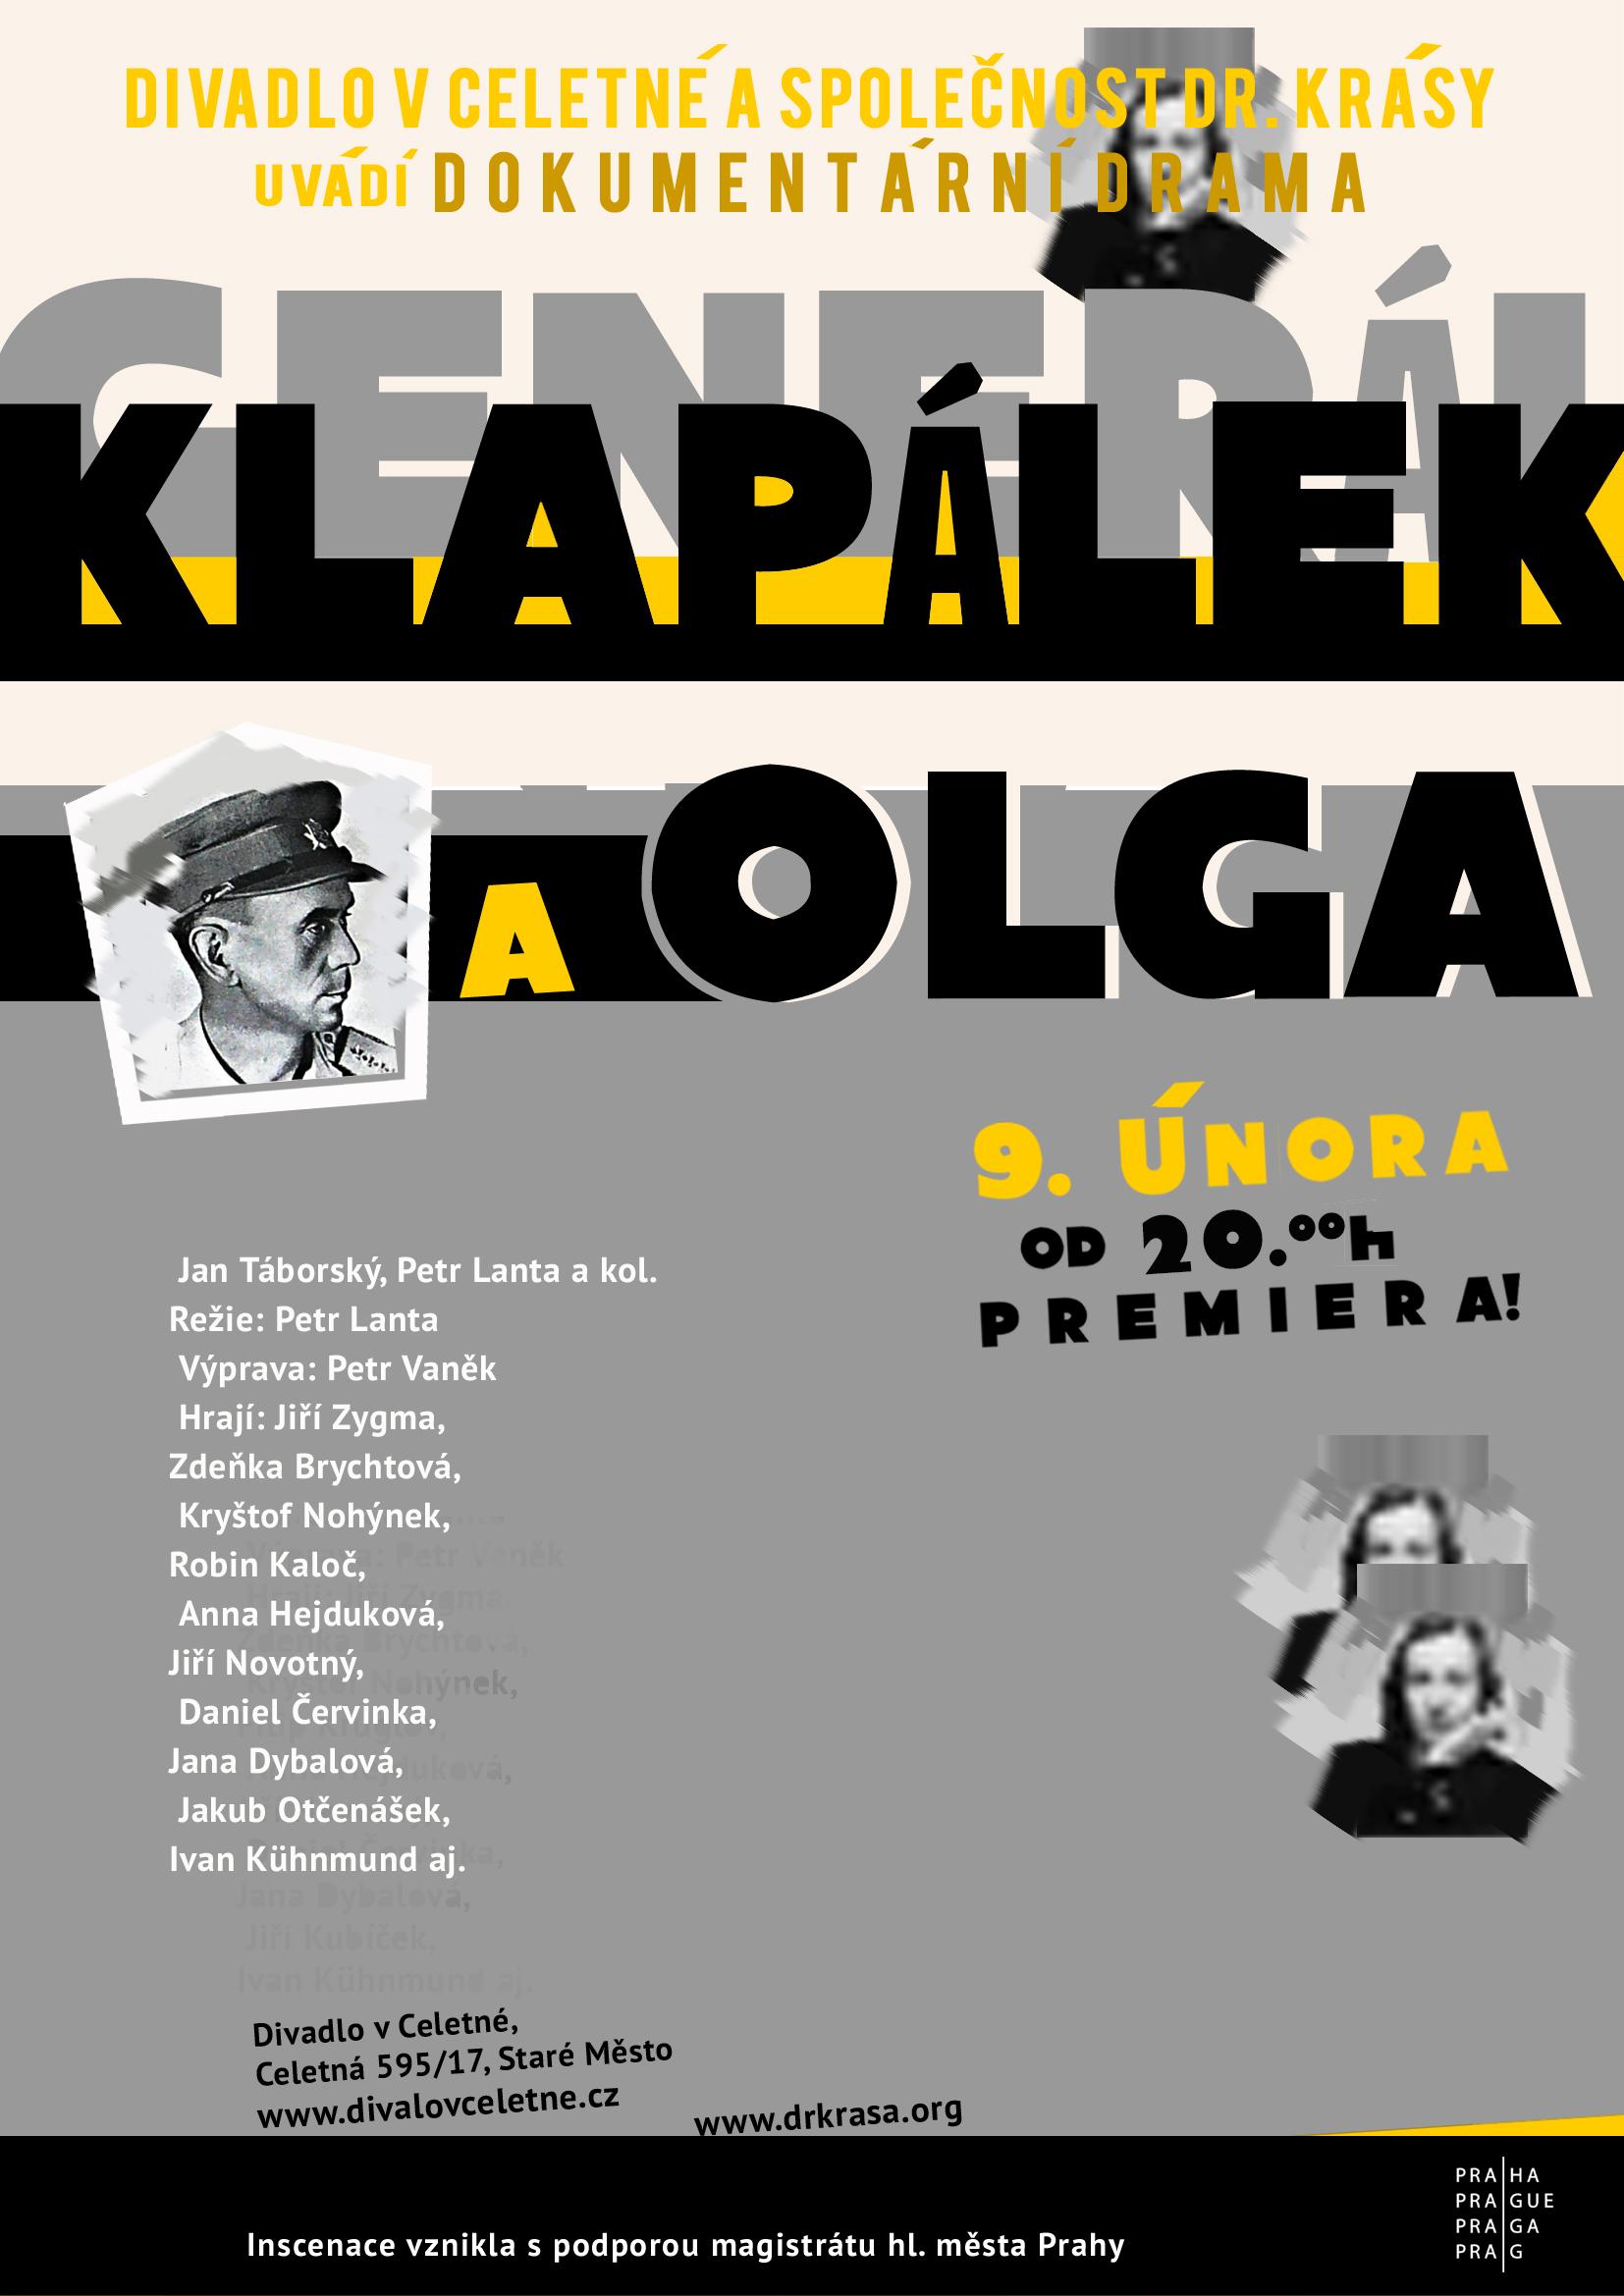 Generál Klapálek (a Olga)